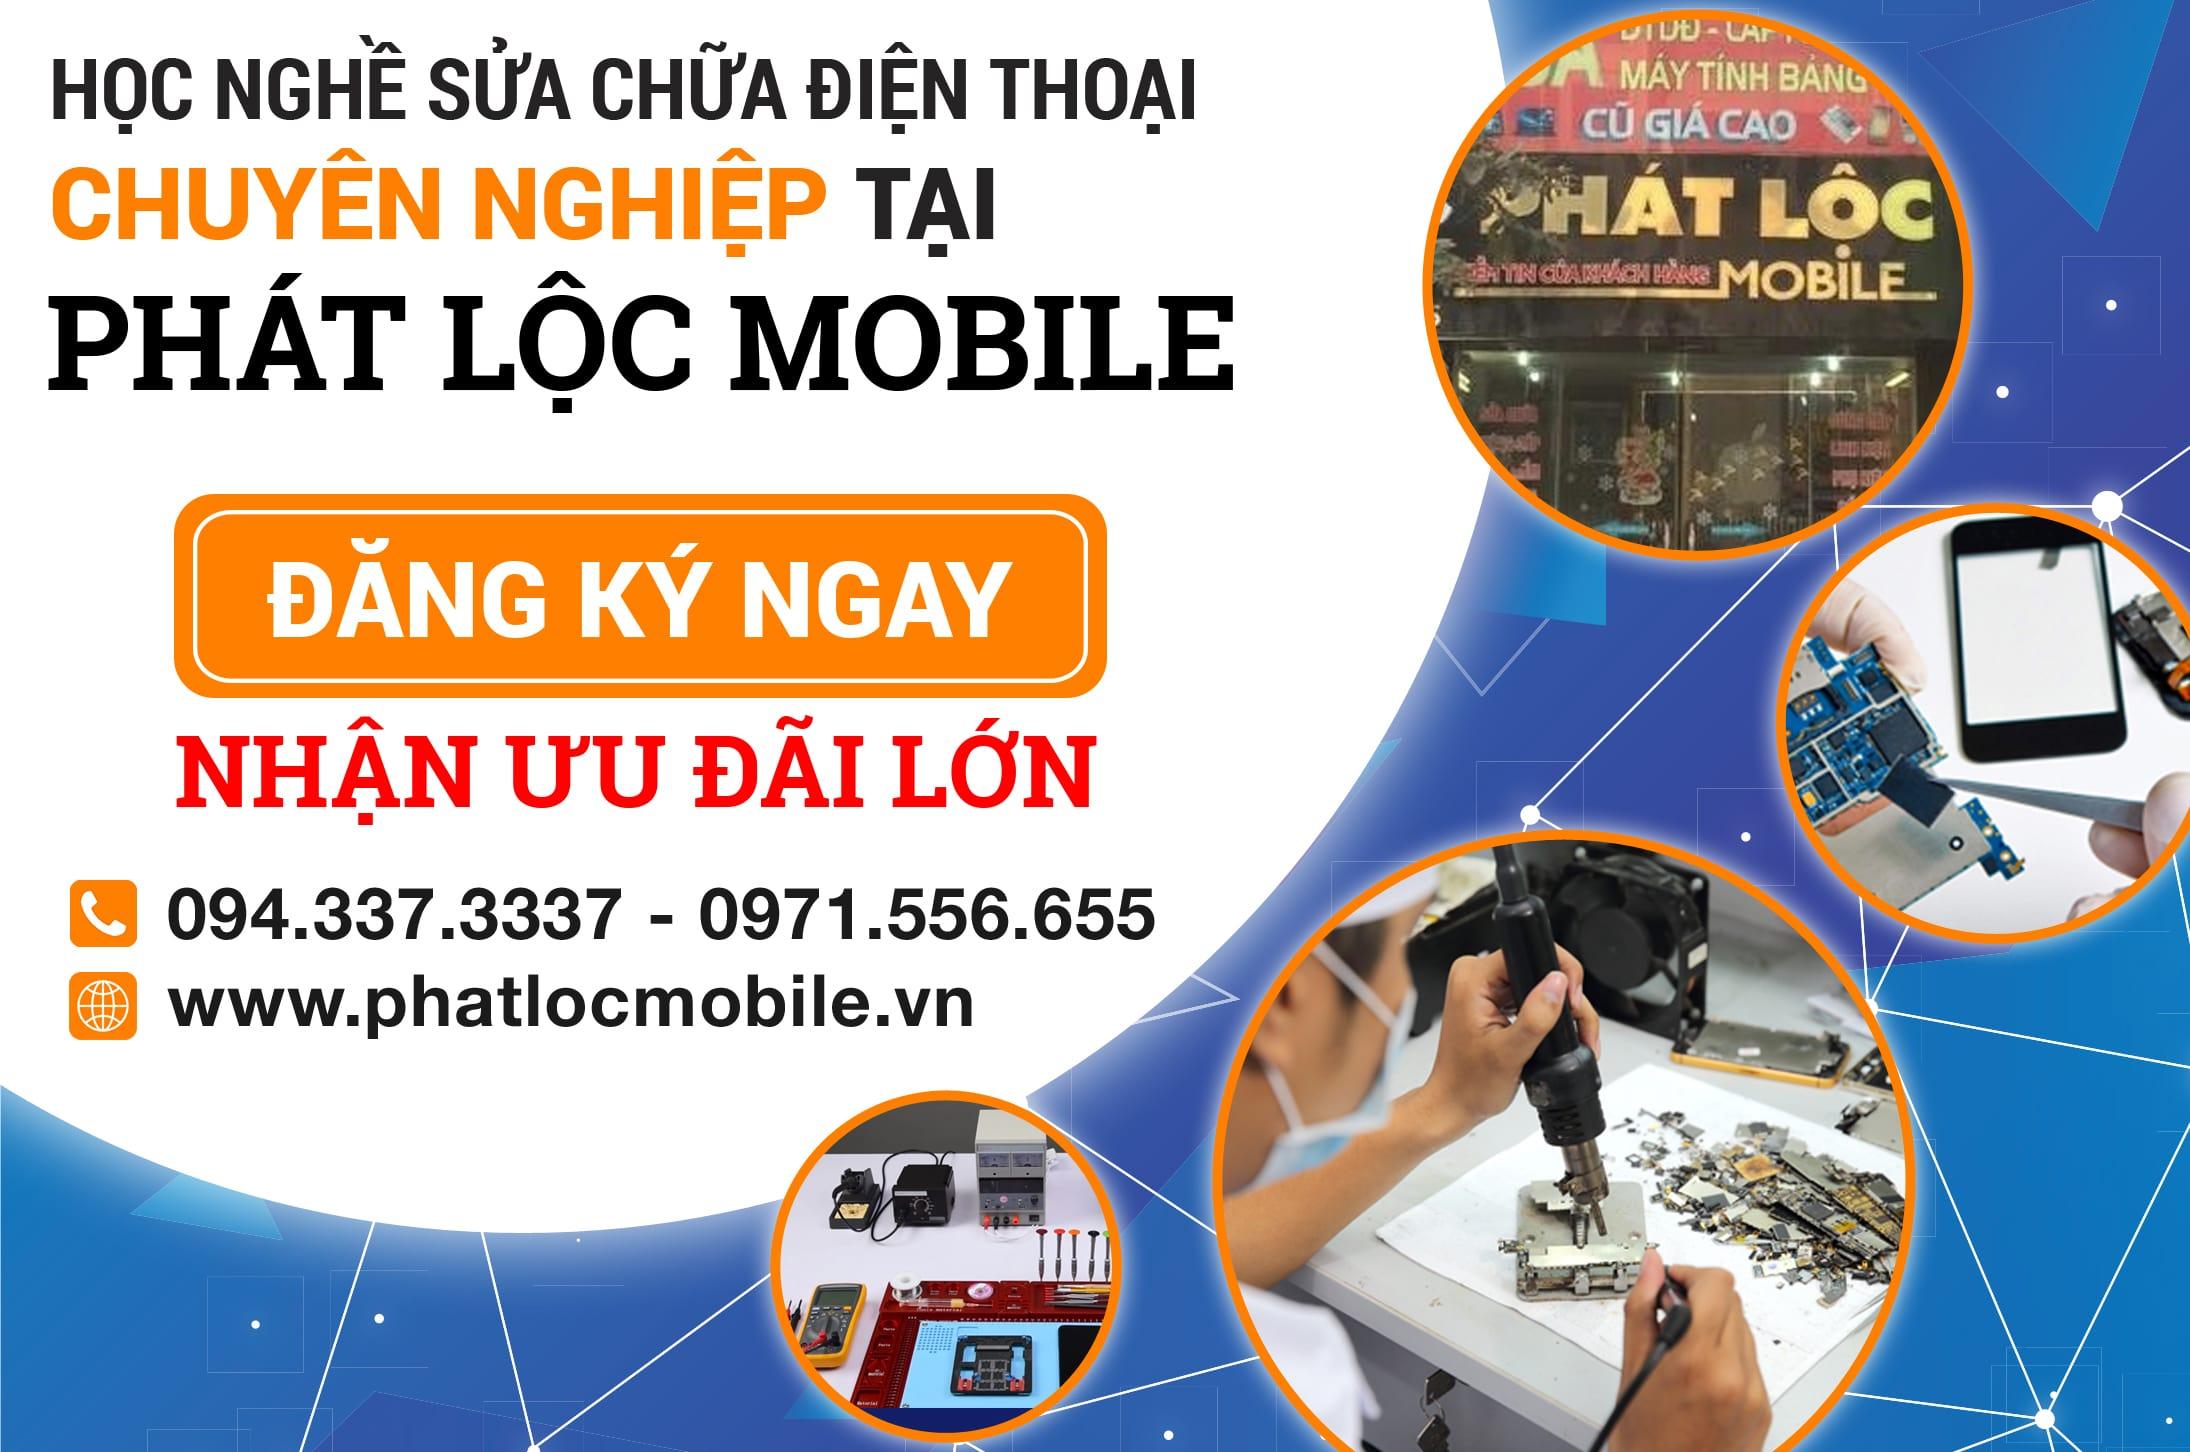 Phát Lộc Mobile - Sửa chữa điện thoại uy tín, chất lượng